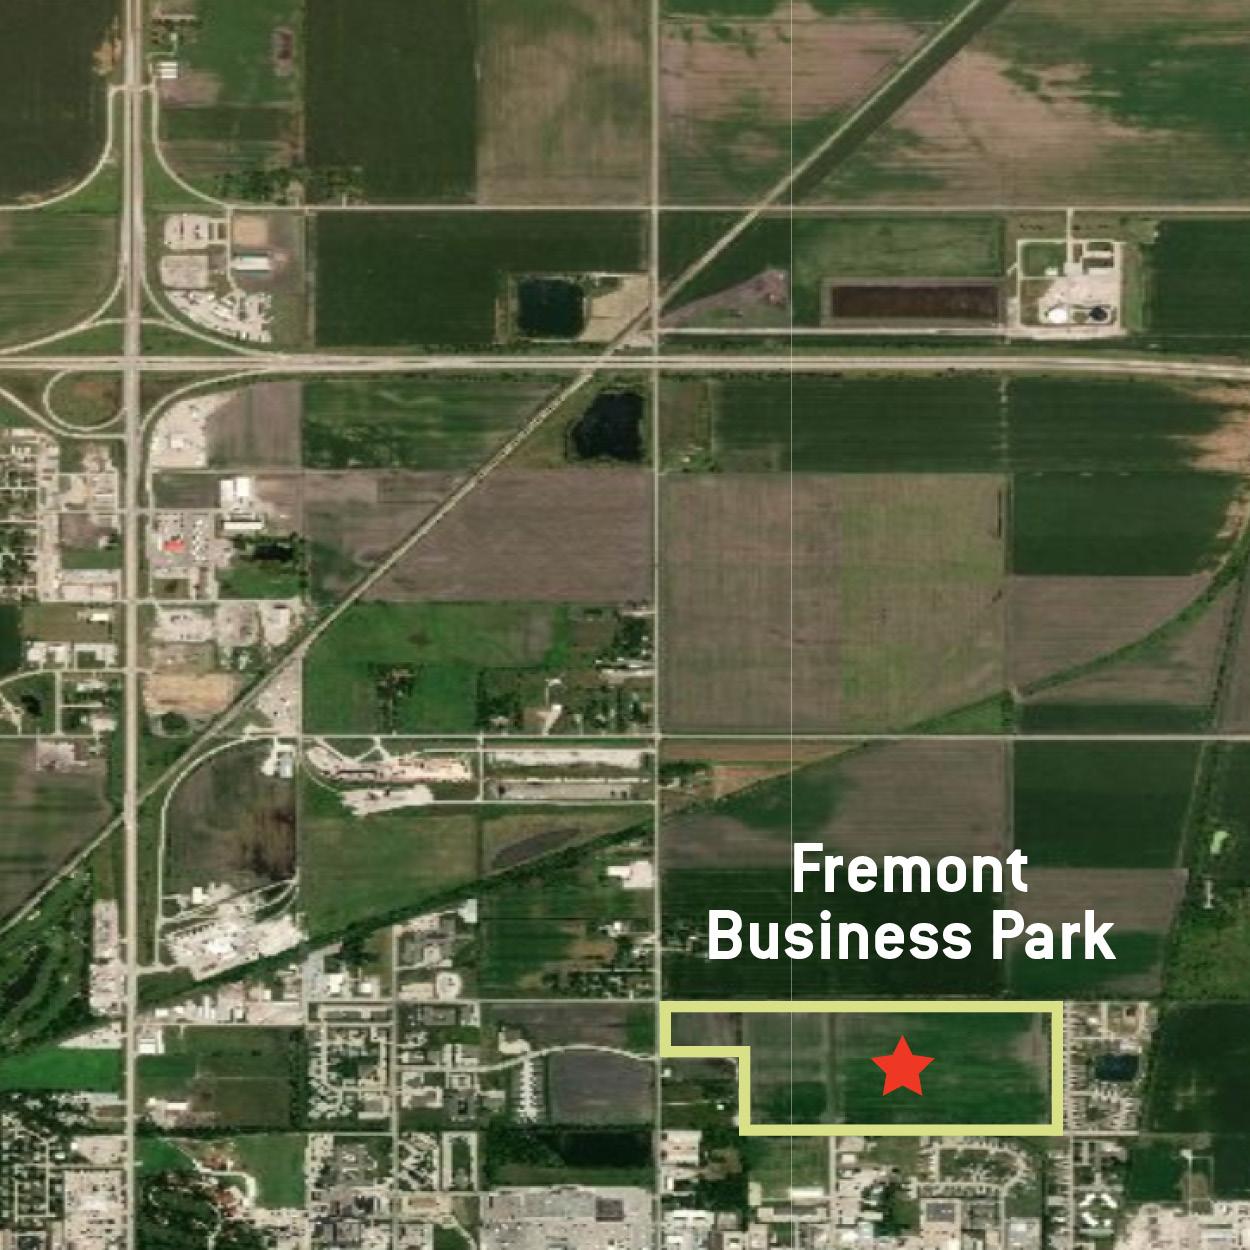 Fremont Business Park